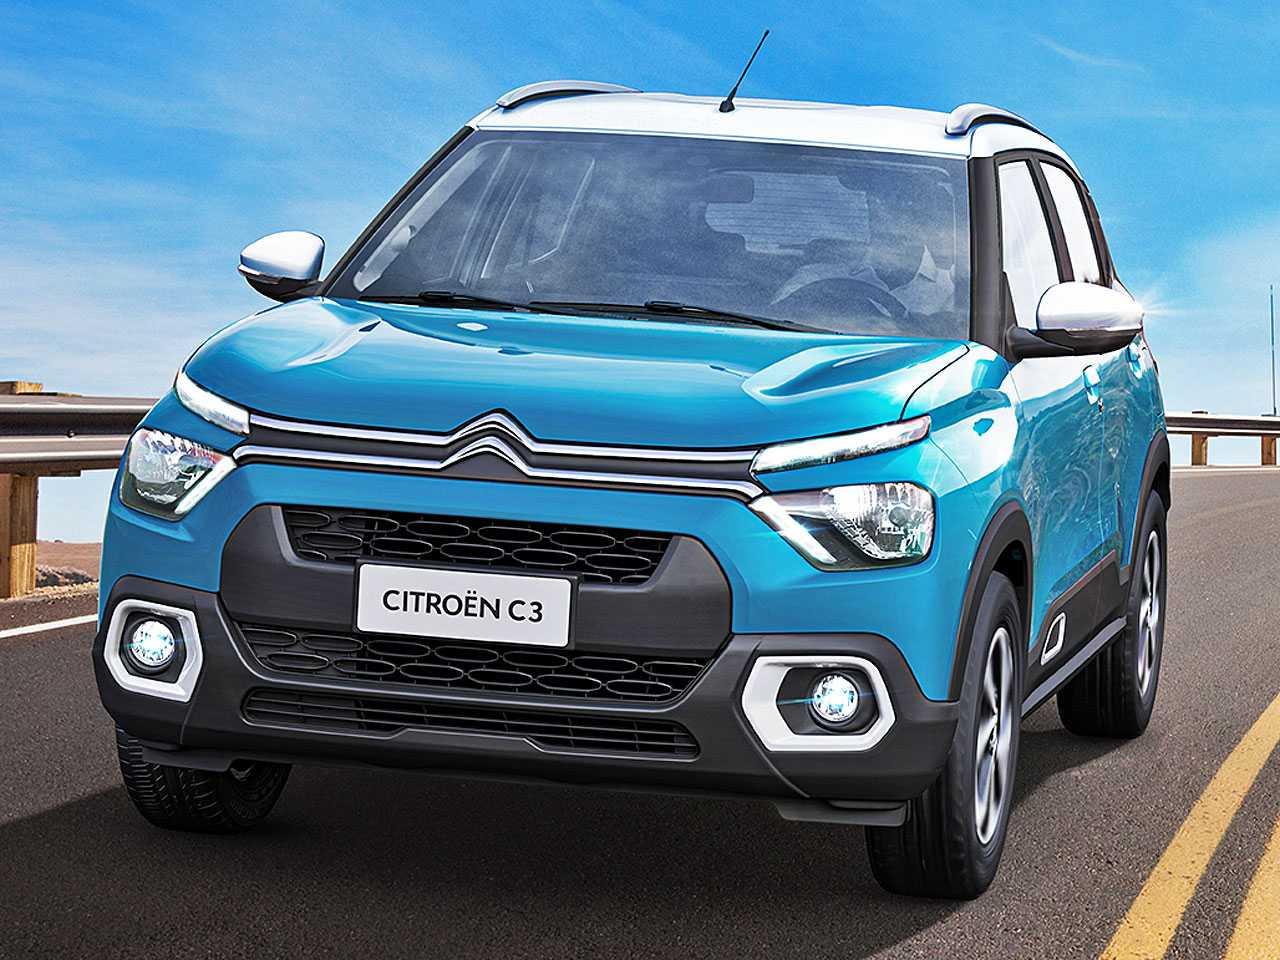 Citroën C3: agora como SUV, modelo chegará em março com mesmo motor 1.6 atual